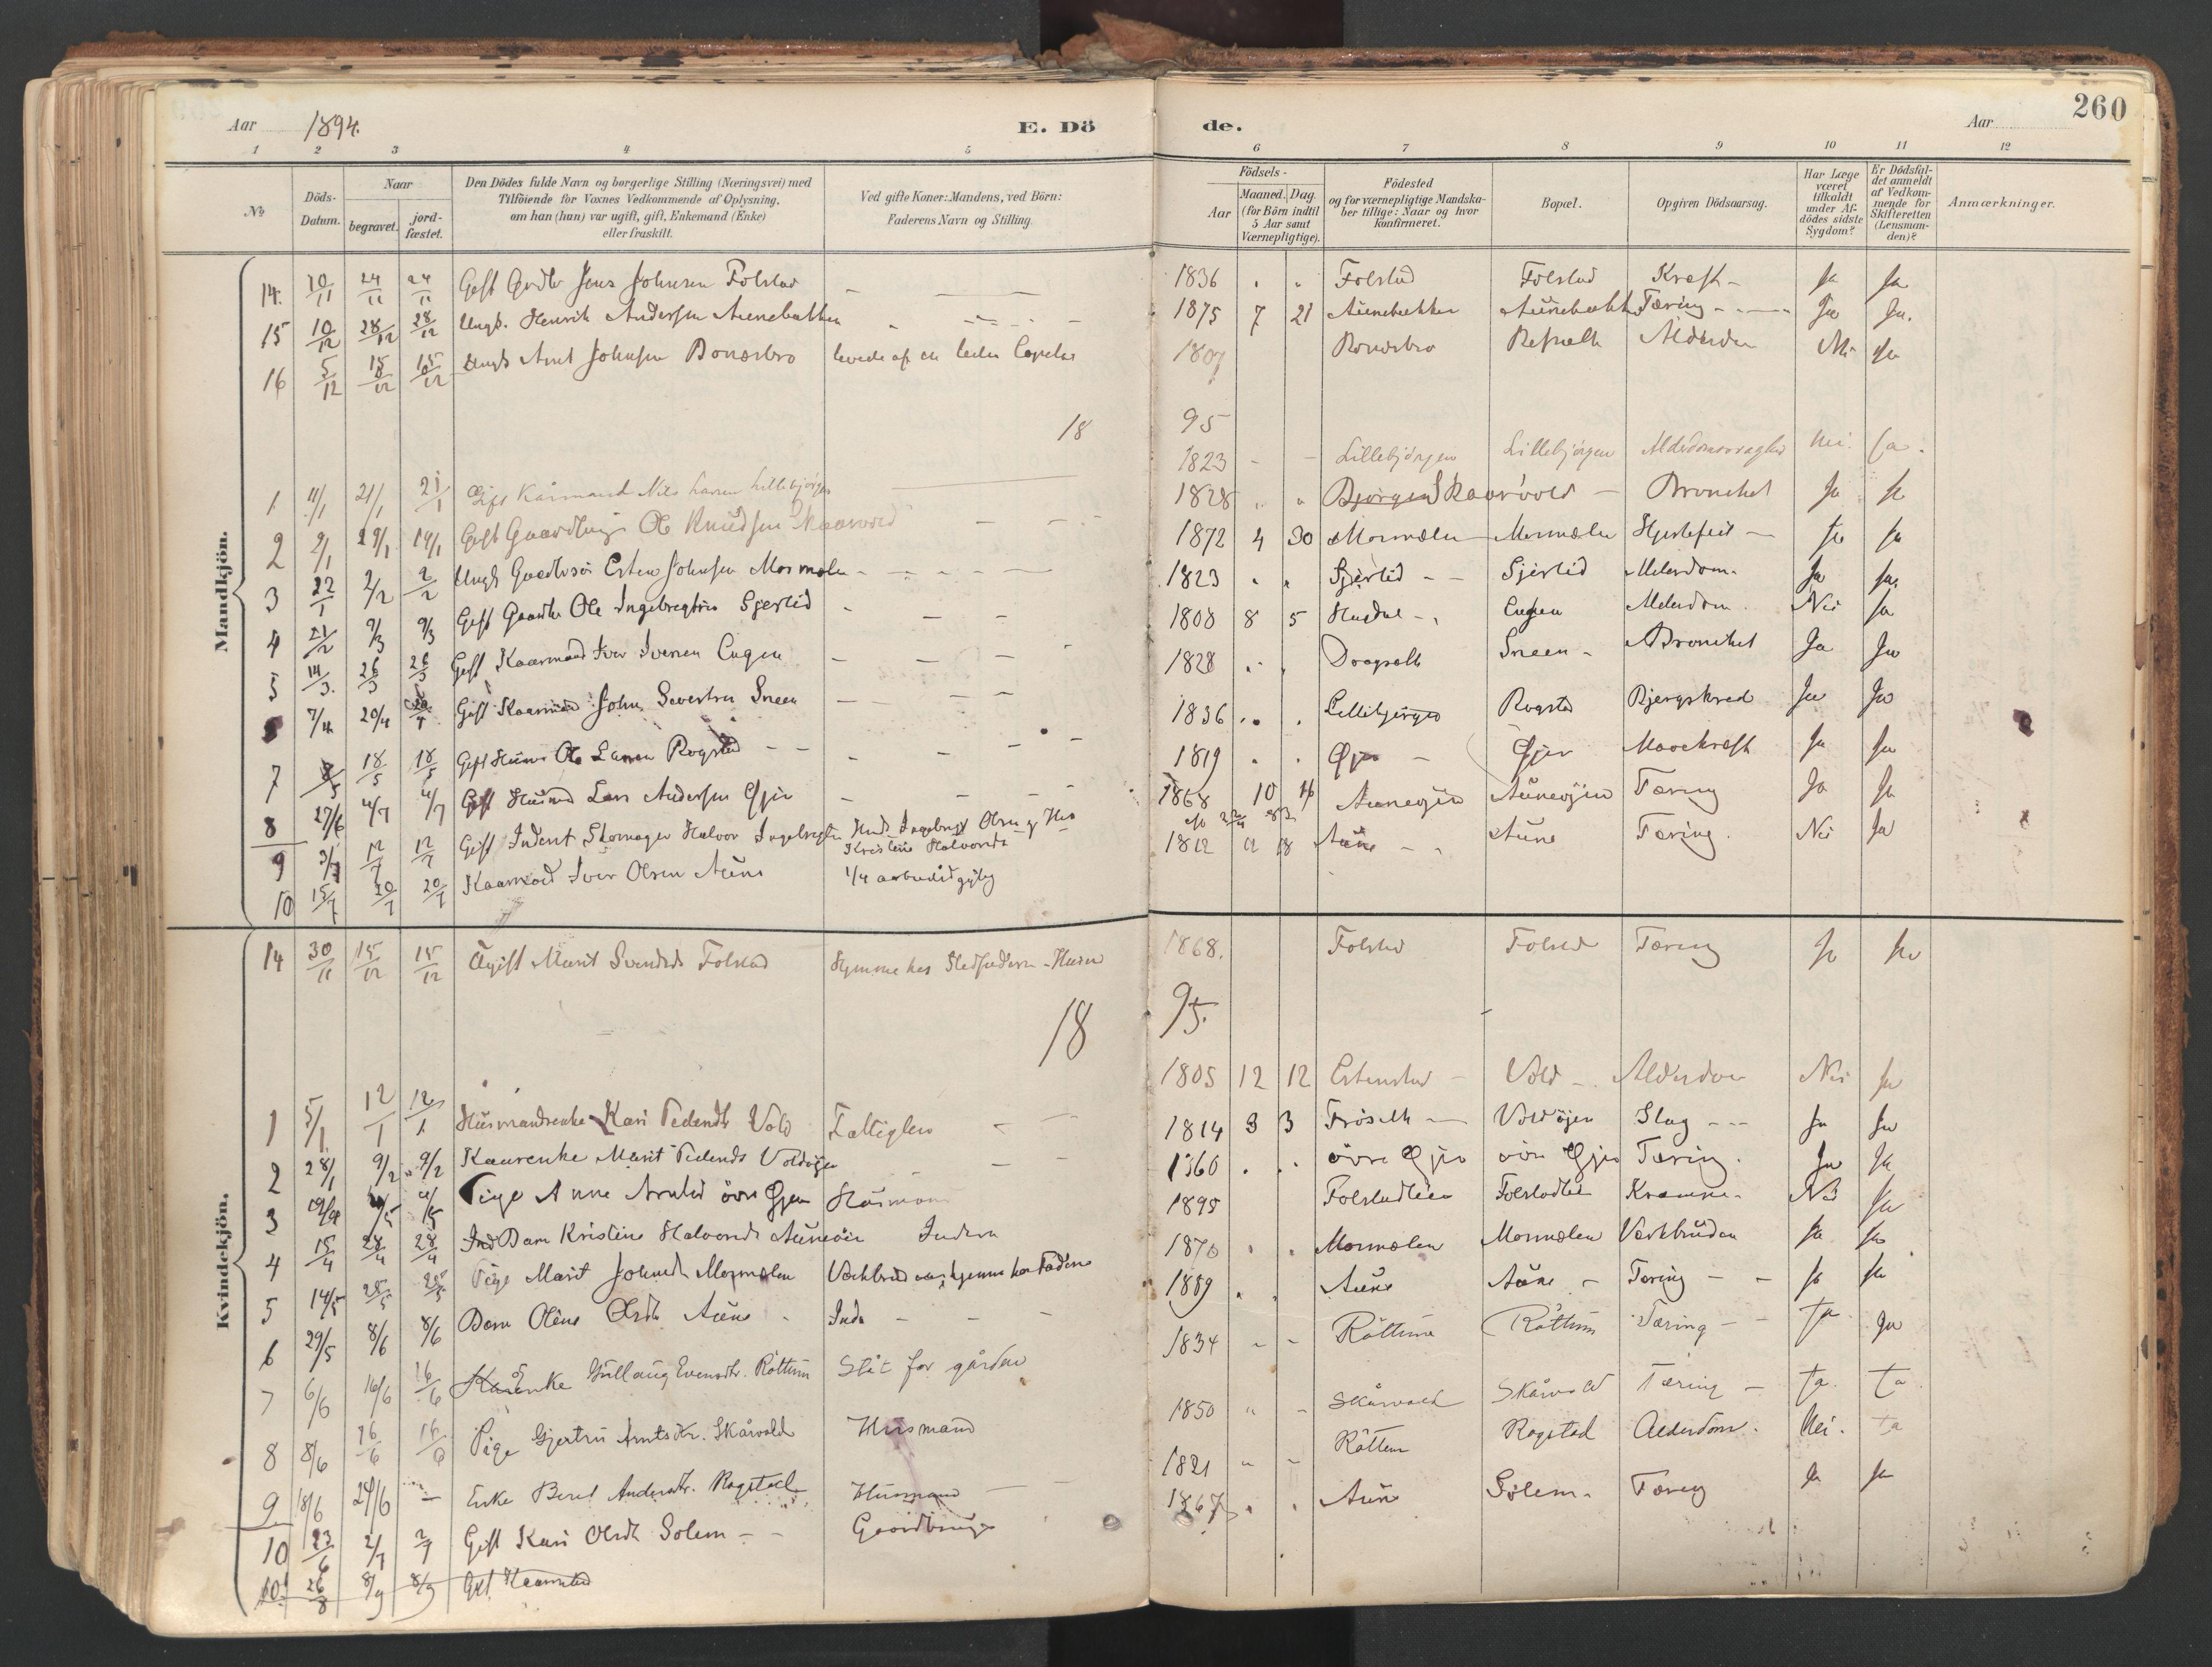 SAT, Ministerialprotokoller, klokkerbøker og fødselsregistre - Sør-Trøndelag, 687/L1004: Ministerialbok nr. 687A10, 1891-1923, s. 260